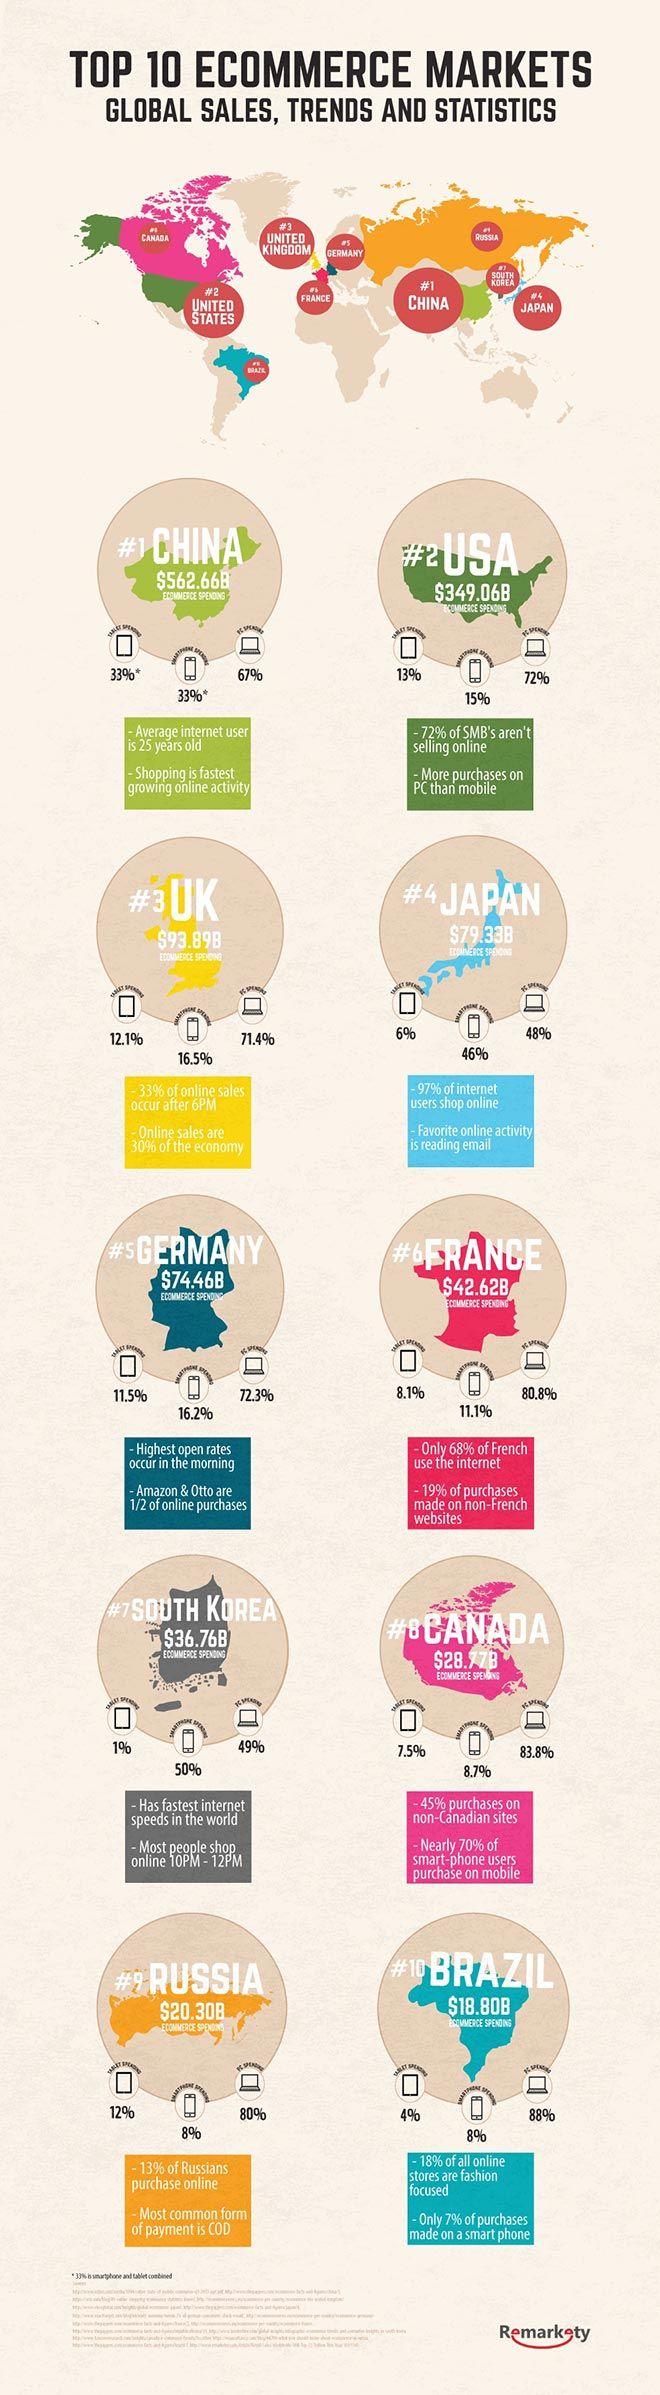 #Ecommerce, ecco i mercati più grandi del mondo - #infografica